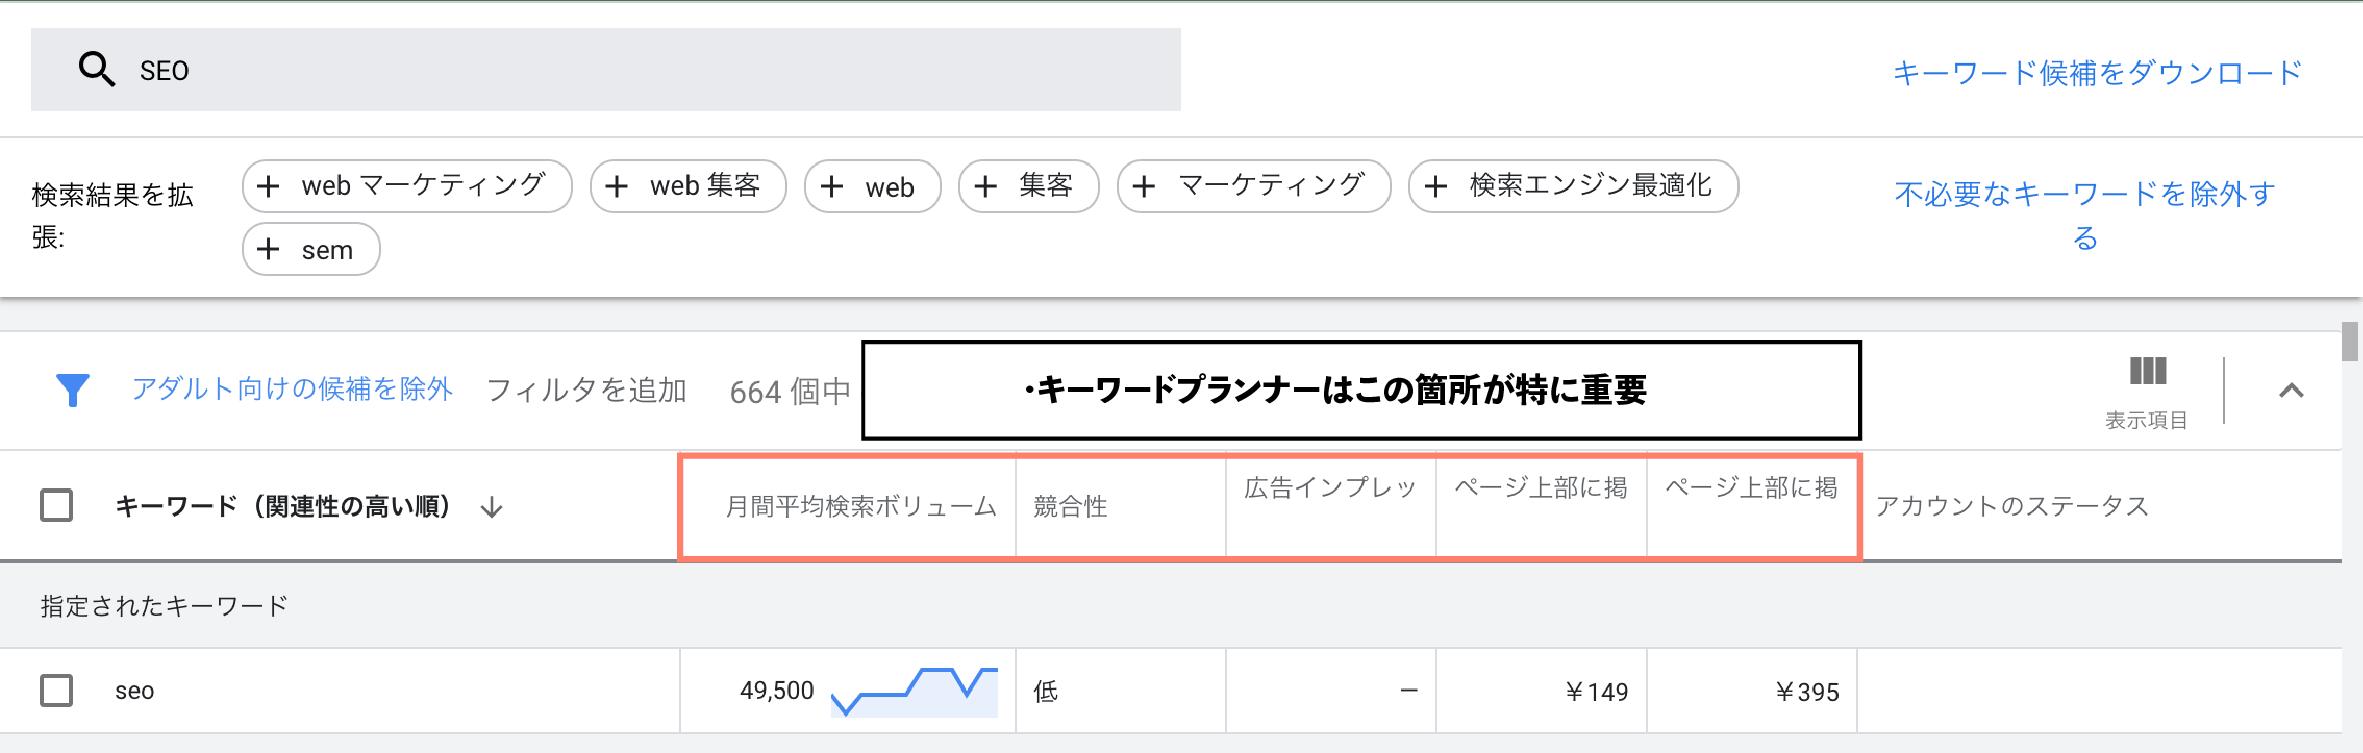 キーワードプランナー_使い方